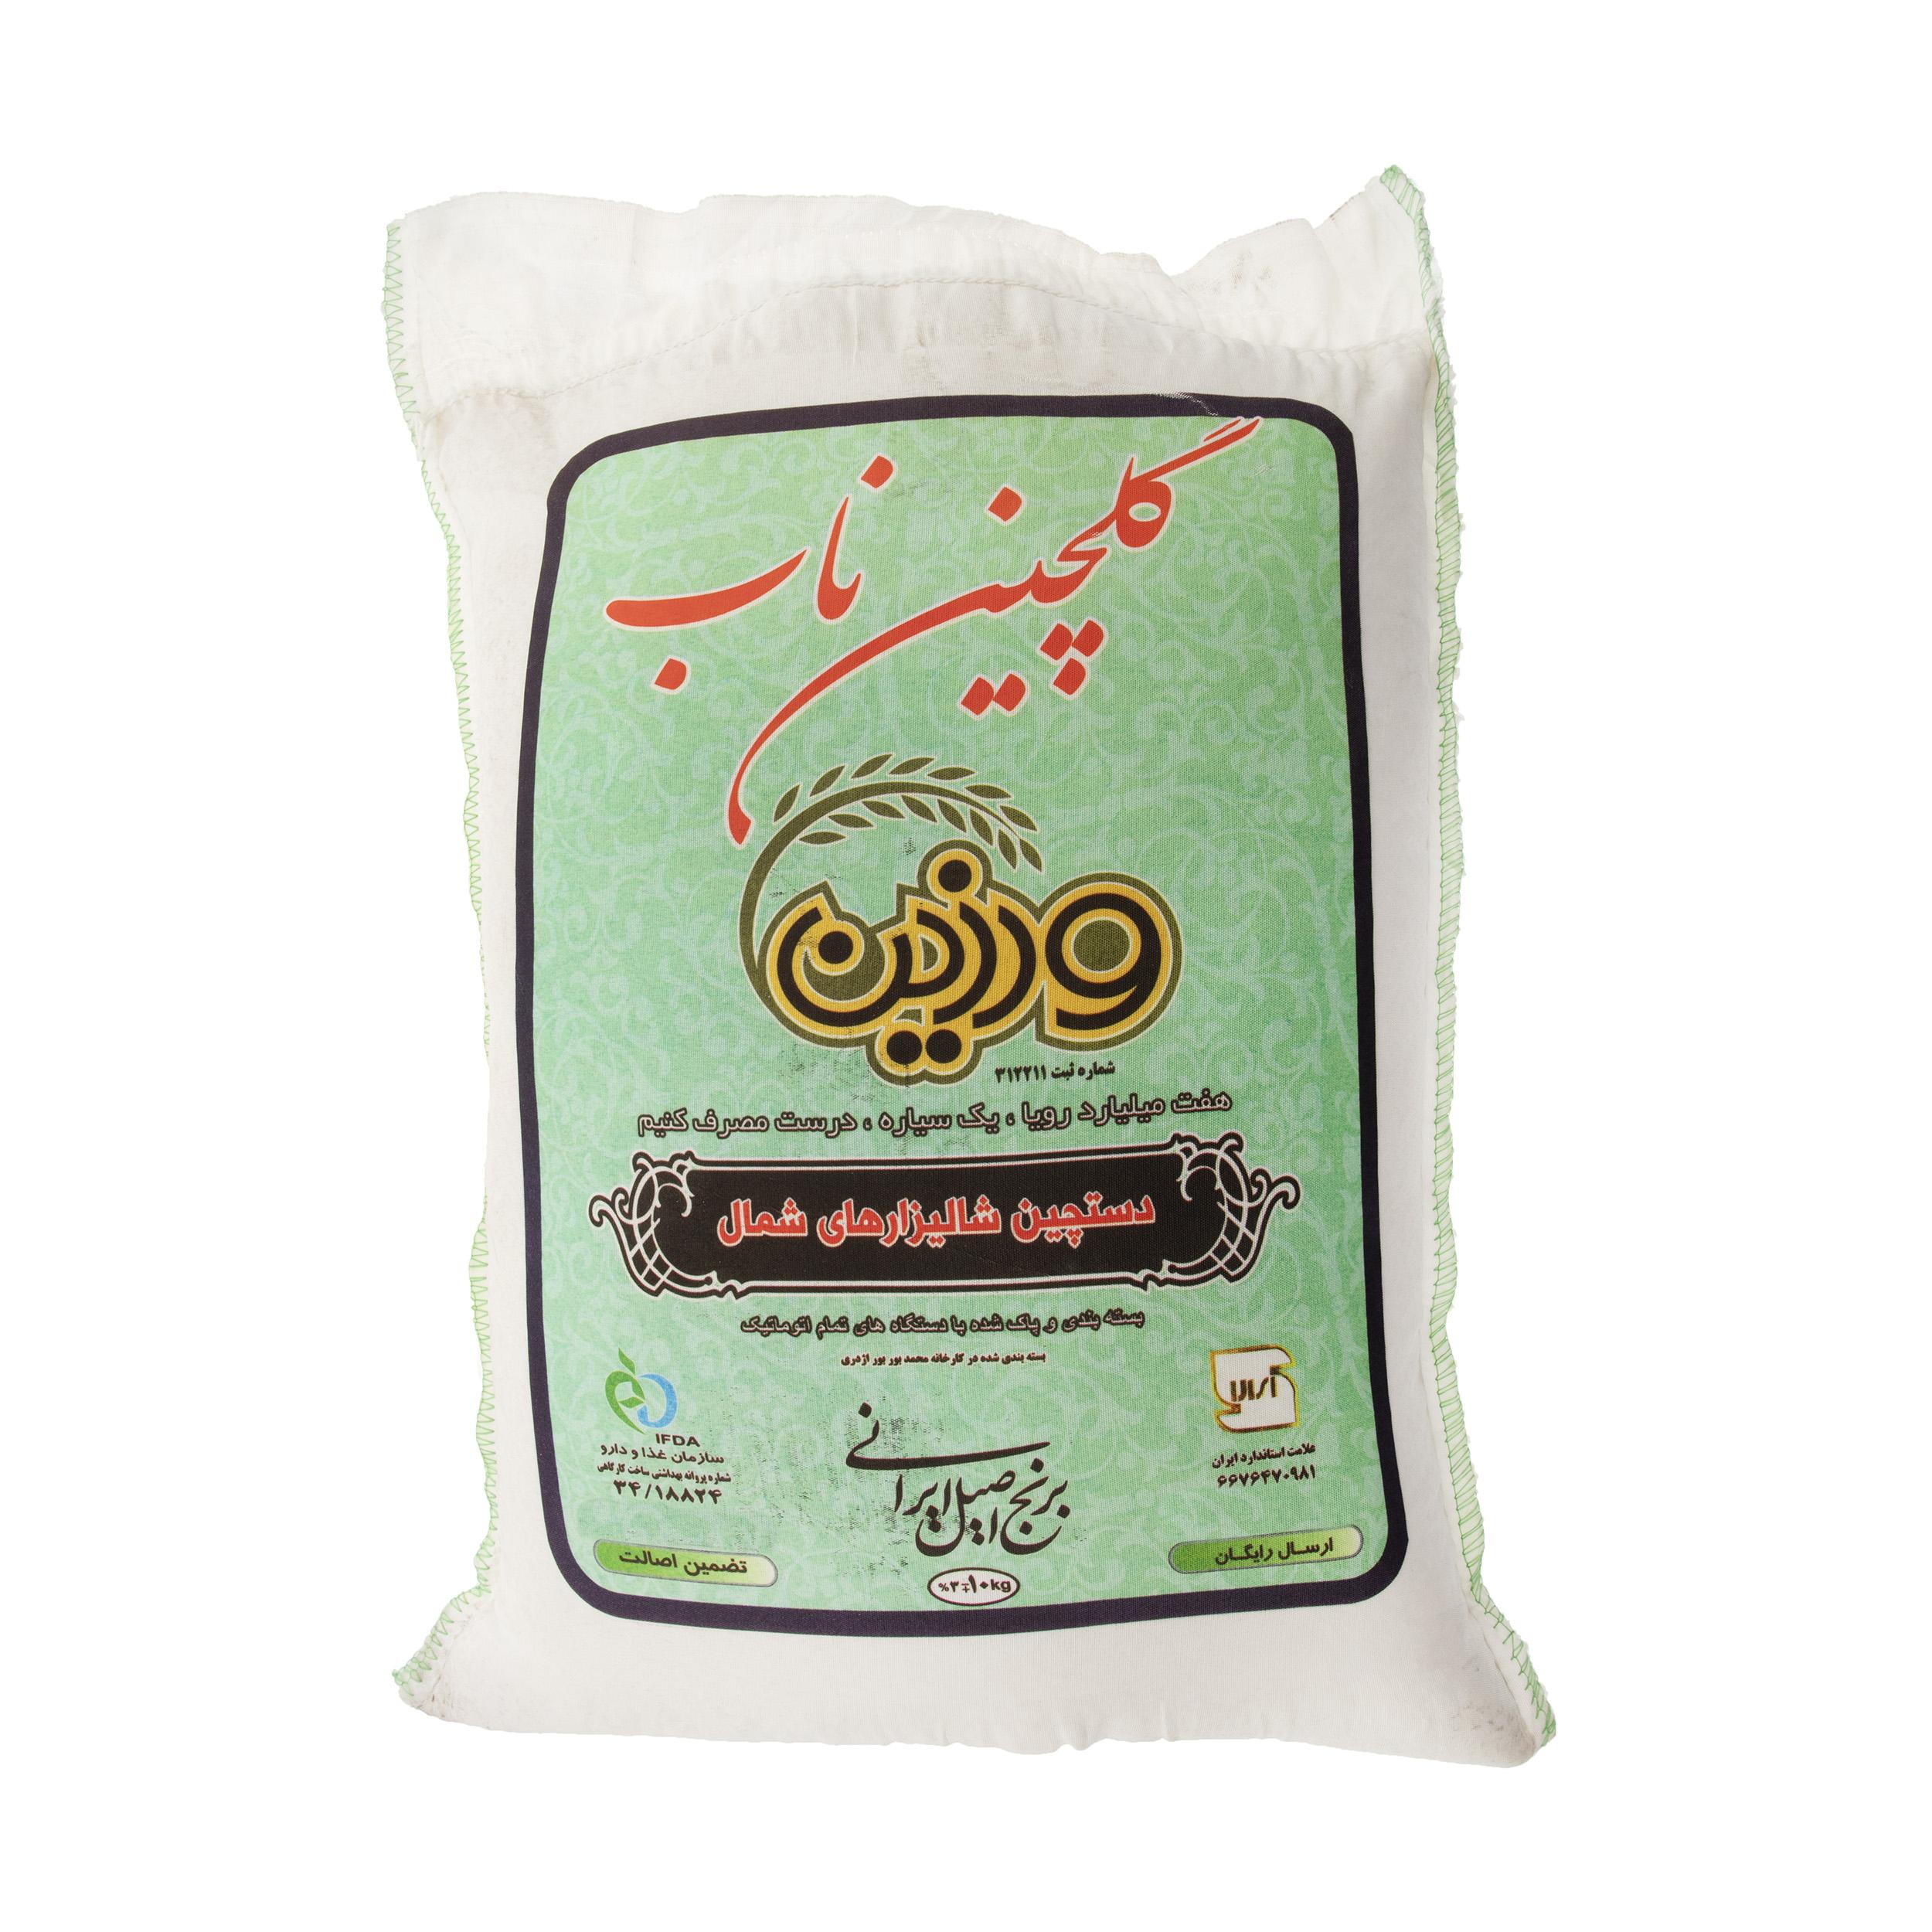 برنج صدری گلچین ناب ورزین مقدار 10 کیلوگرم